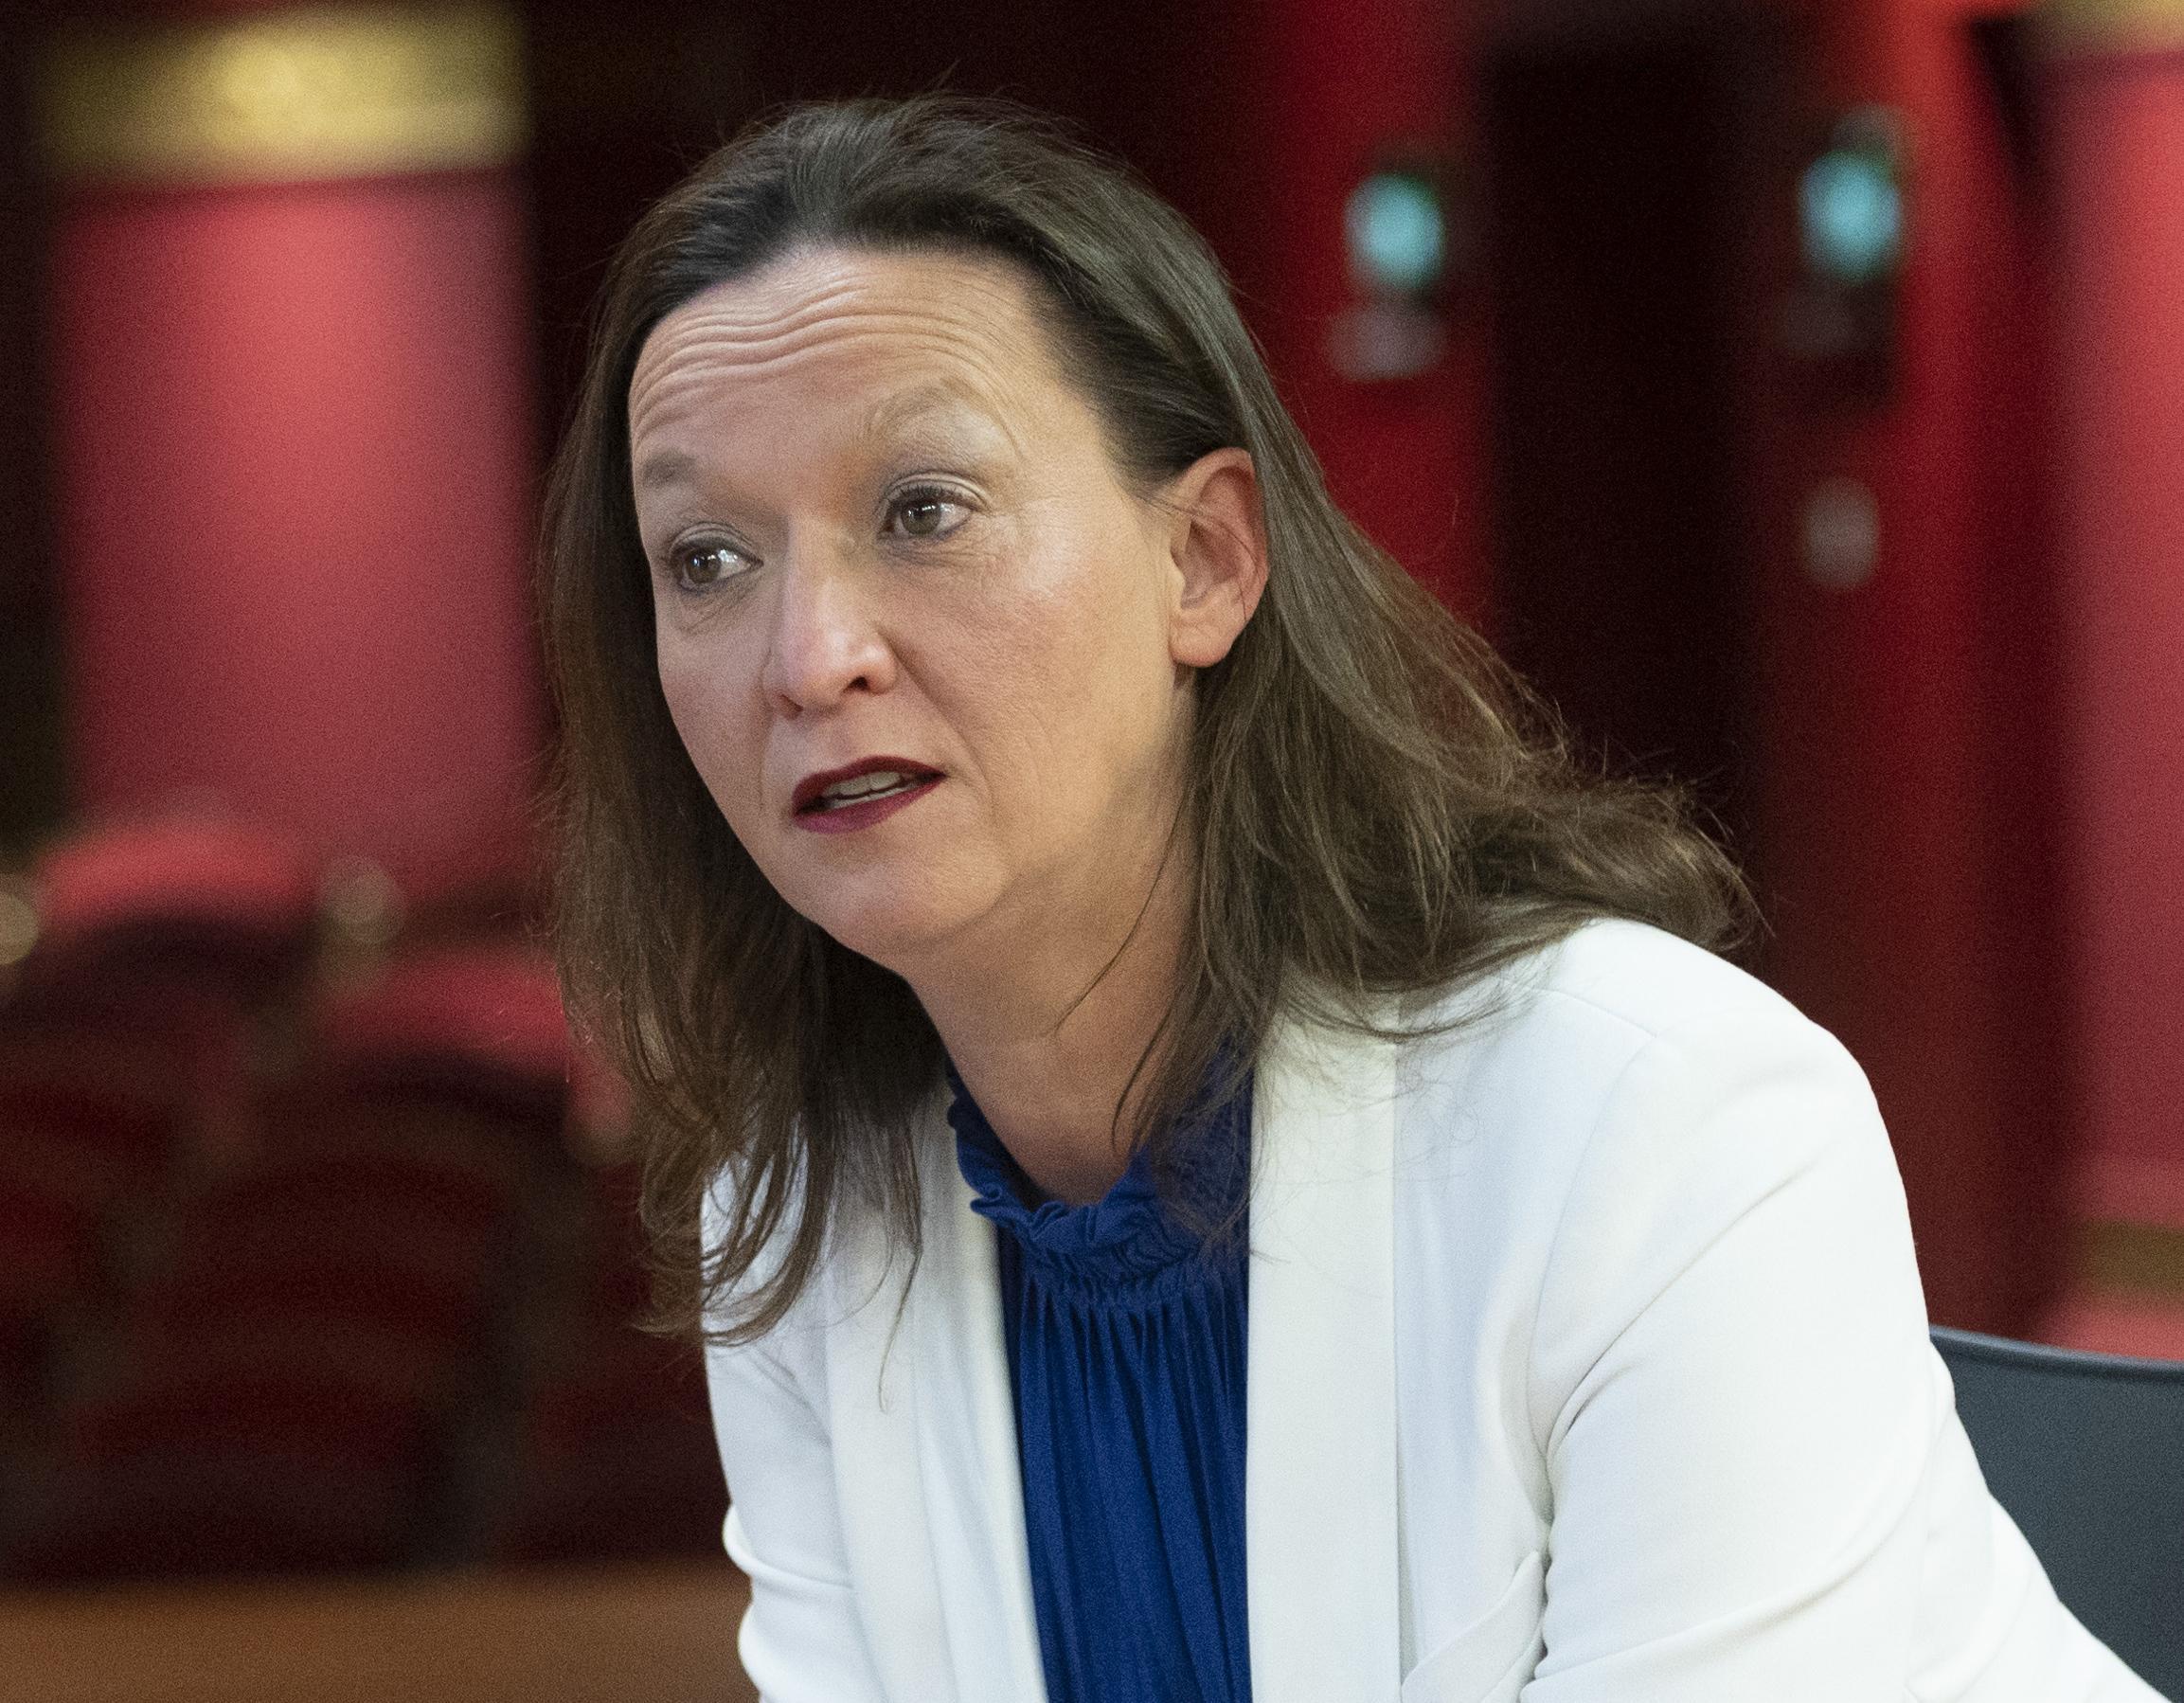 Directeur Jolanda Beyer van Patronaat in Haarlem moet veel medewerkers ontslaan als gevolg van de coronacrisis. 'Er zijn dagen dat ik me beter heb gevoeld'